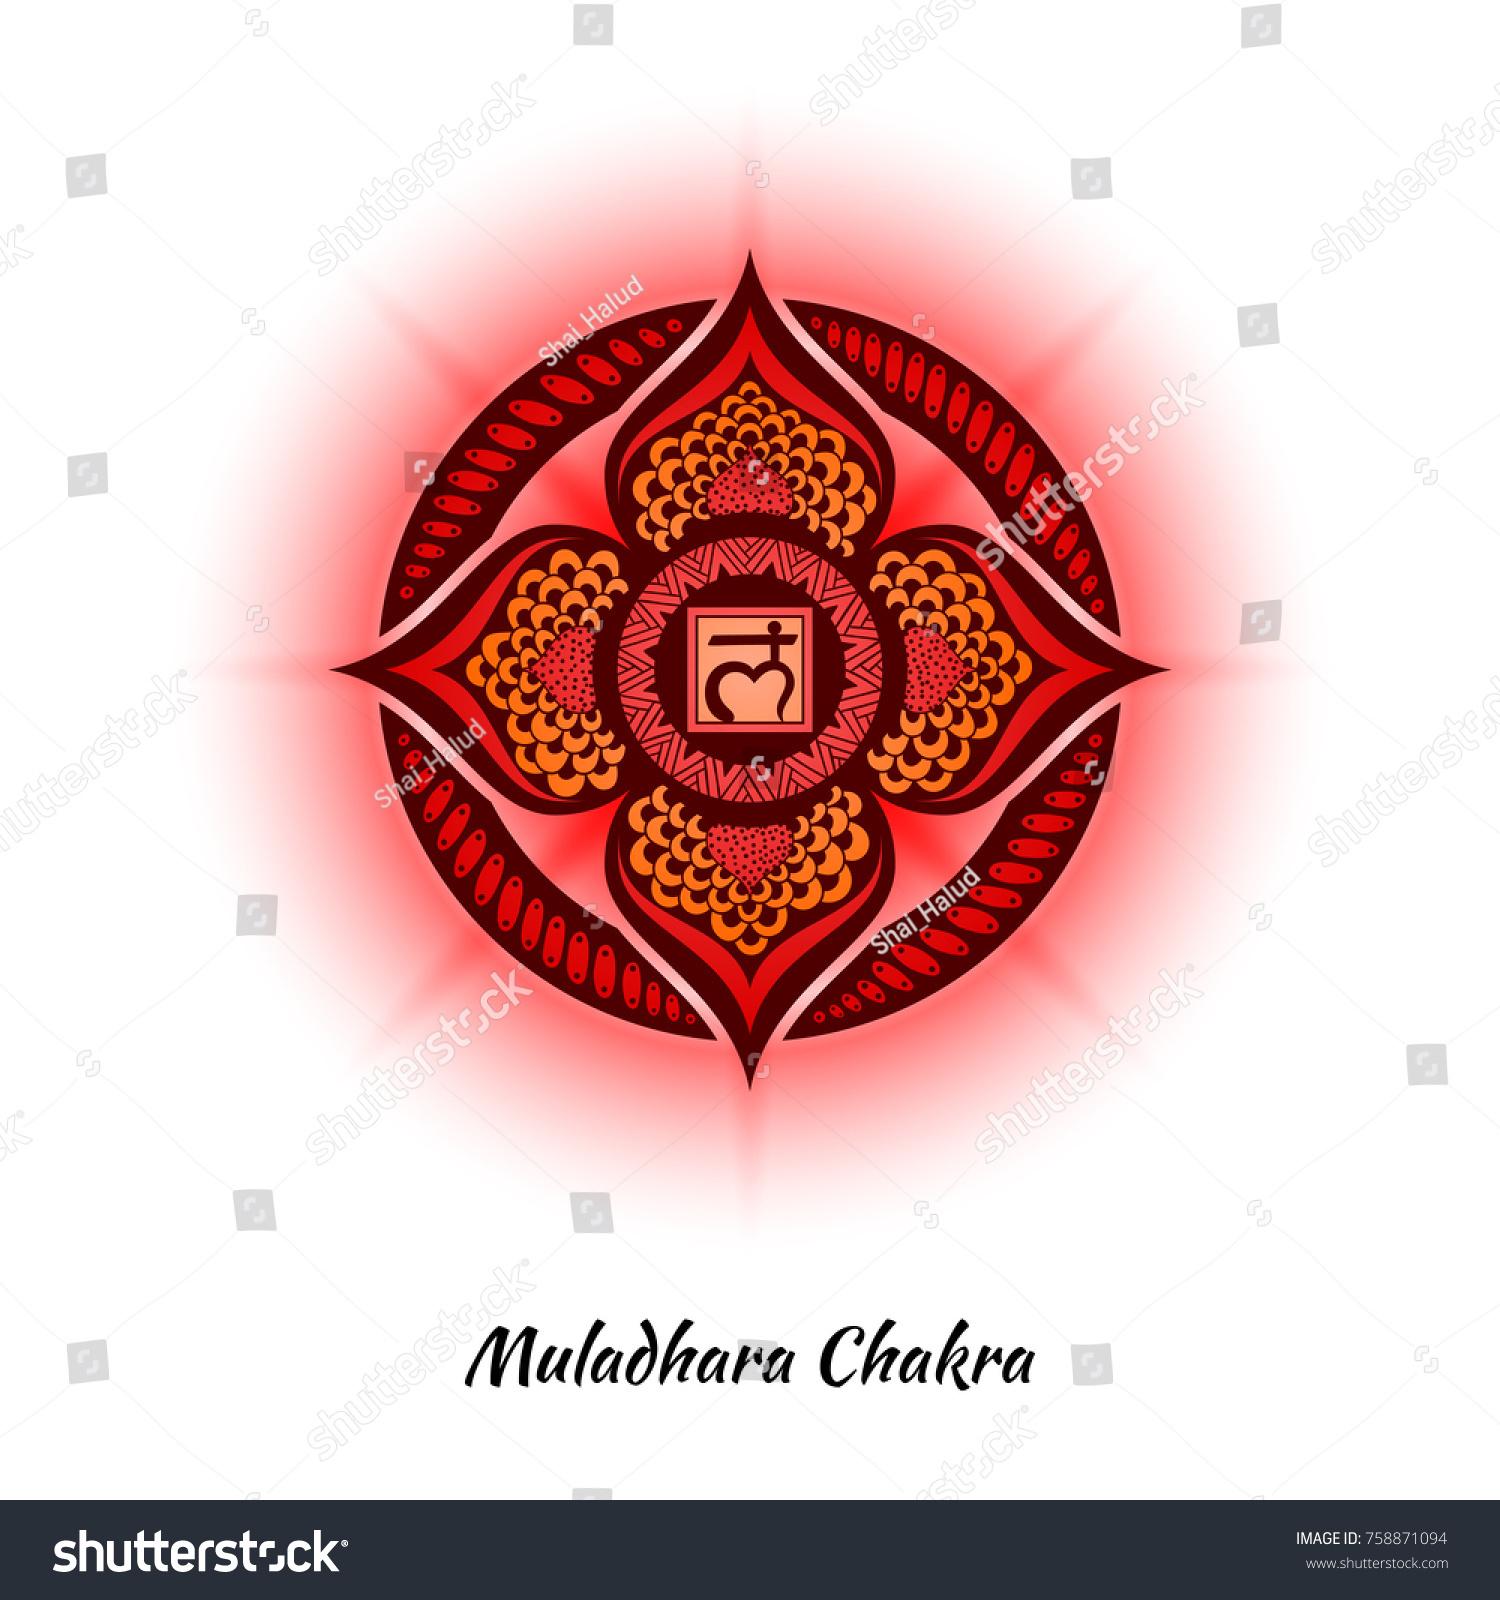 Muladhara Chakra Symbol Used Hinduism Buddhism Stock Vector Royalty